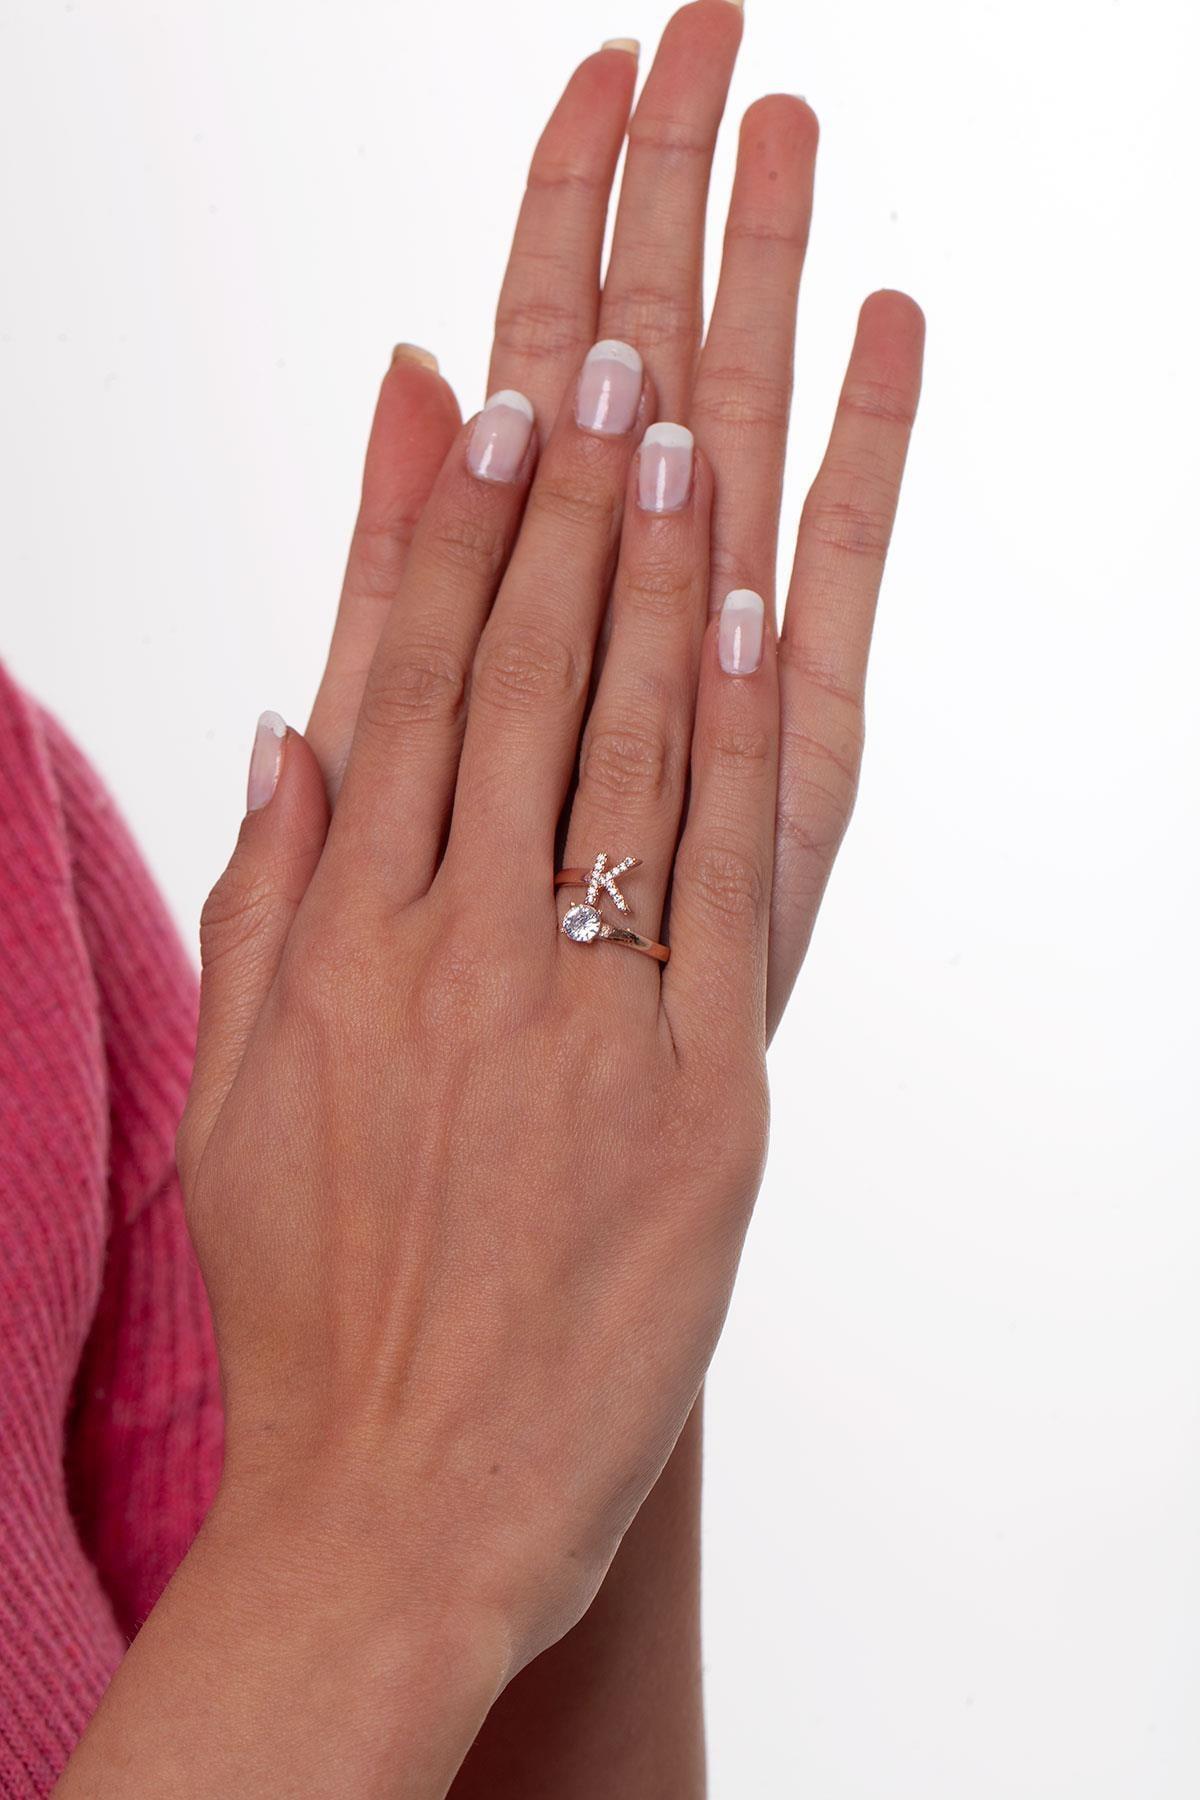 Ninova Silver Kadın Ayarlanabilir Gümüş Tek Taş ve K Harfi Yüzük NNVSLVR03271